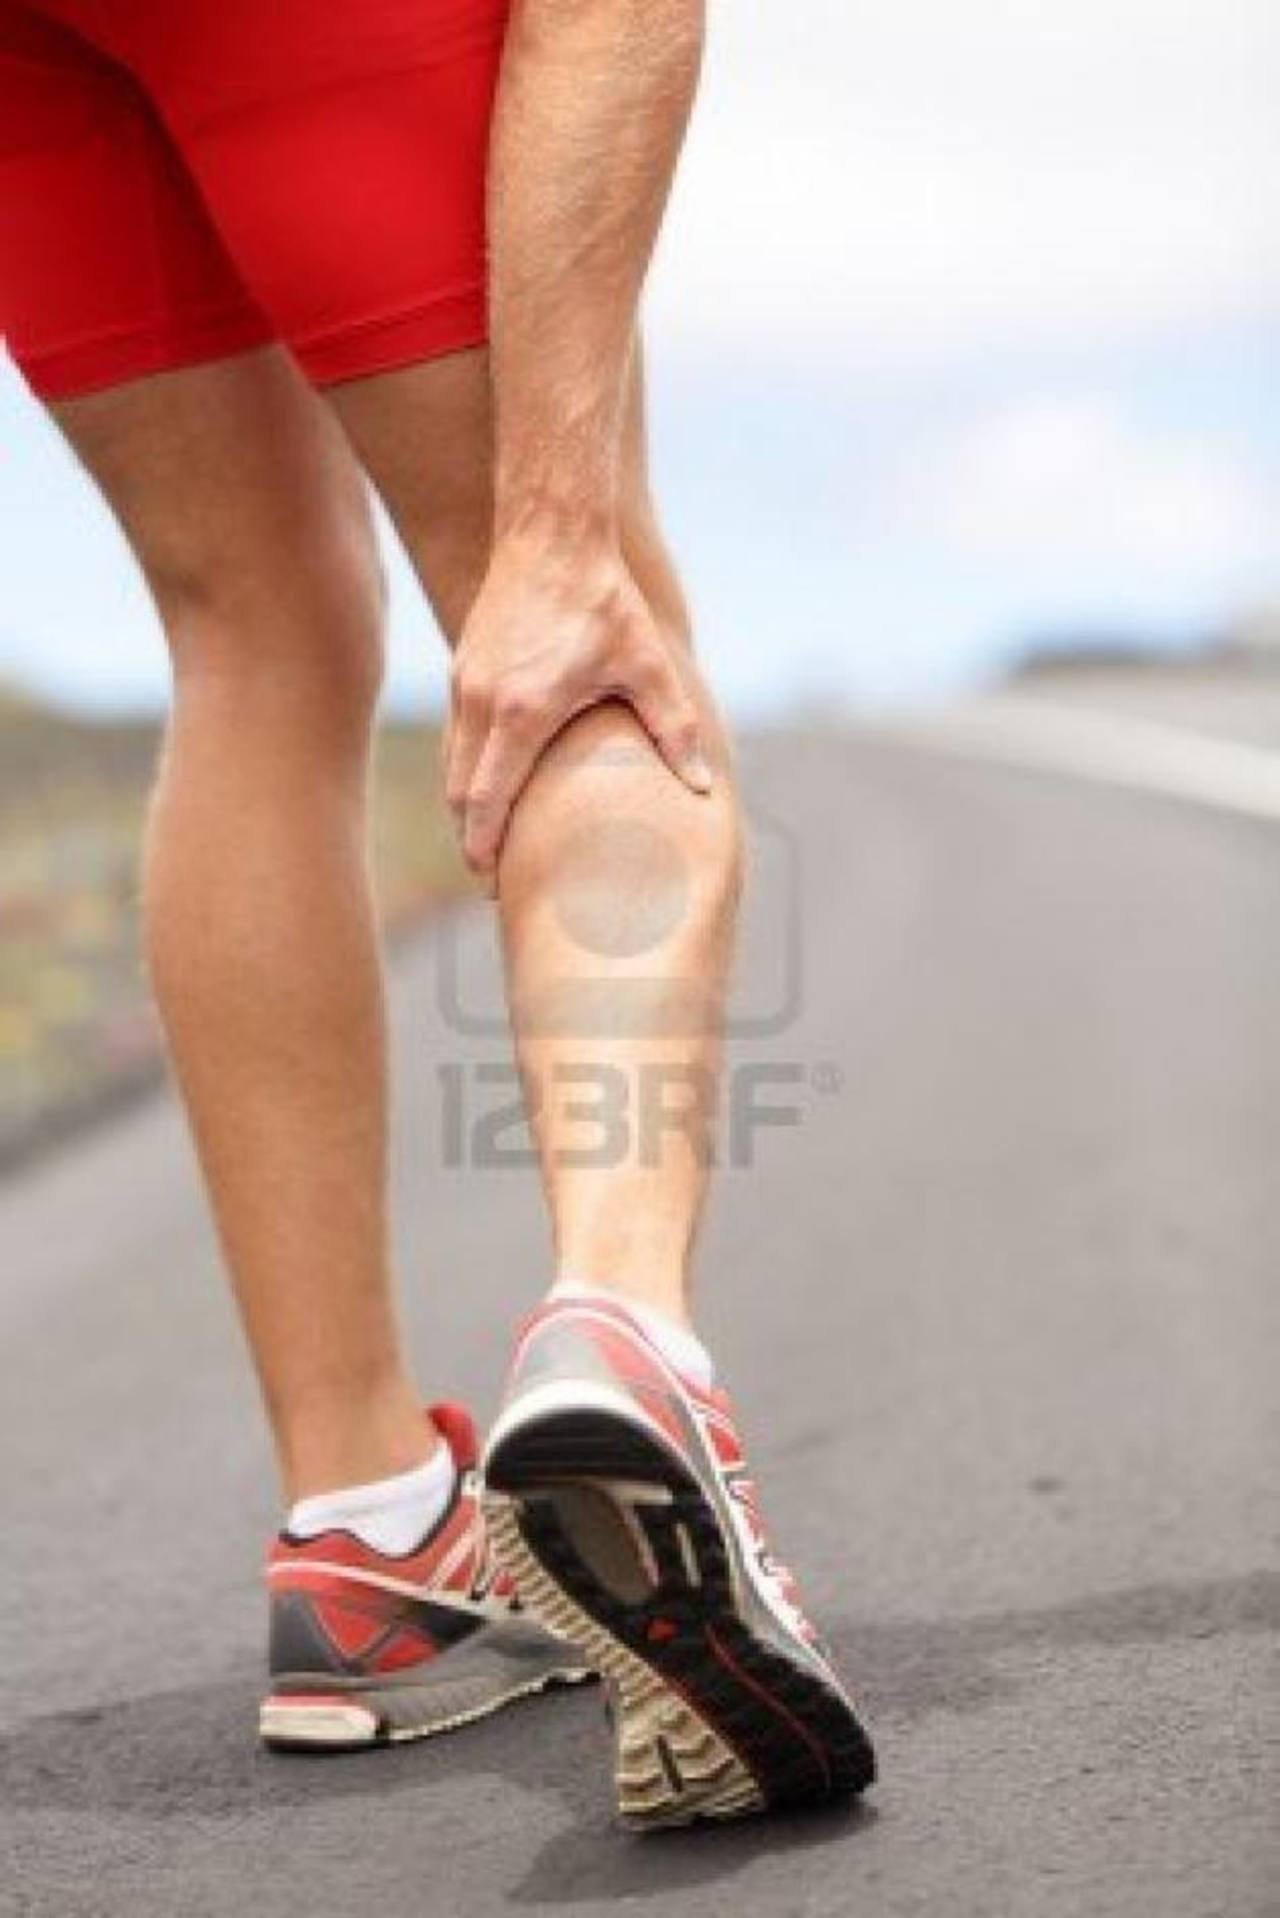 El dolor muscular puede diminuir con hielo. En caso severo consulte al médico.